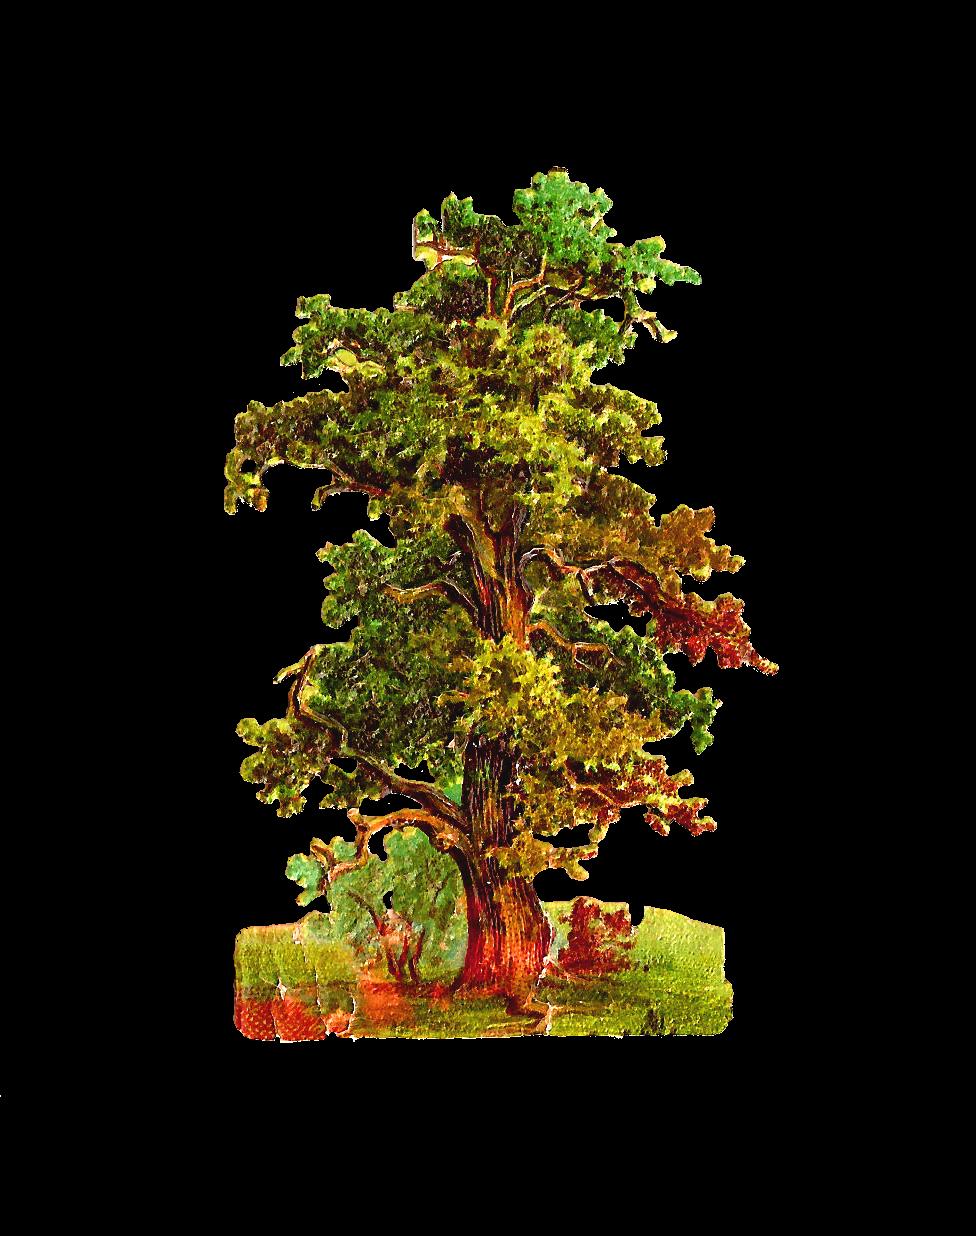 Tree clipart retro. Antique images free graphic